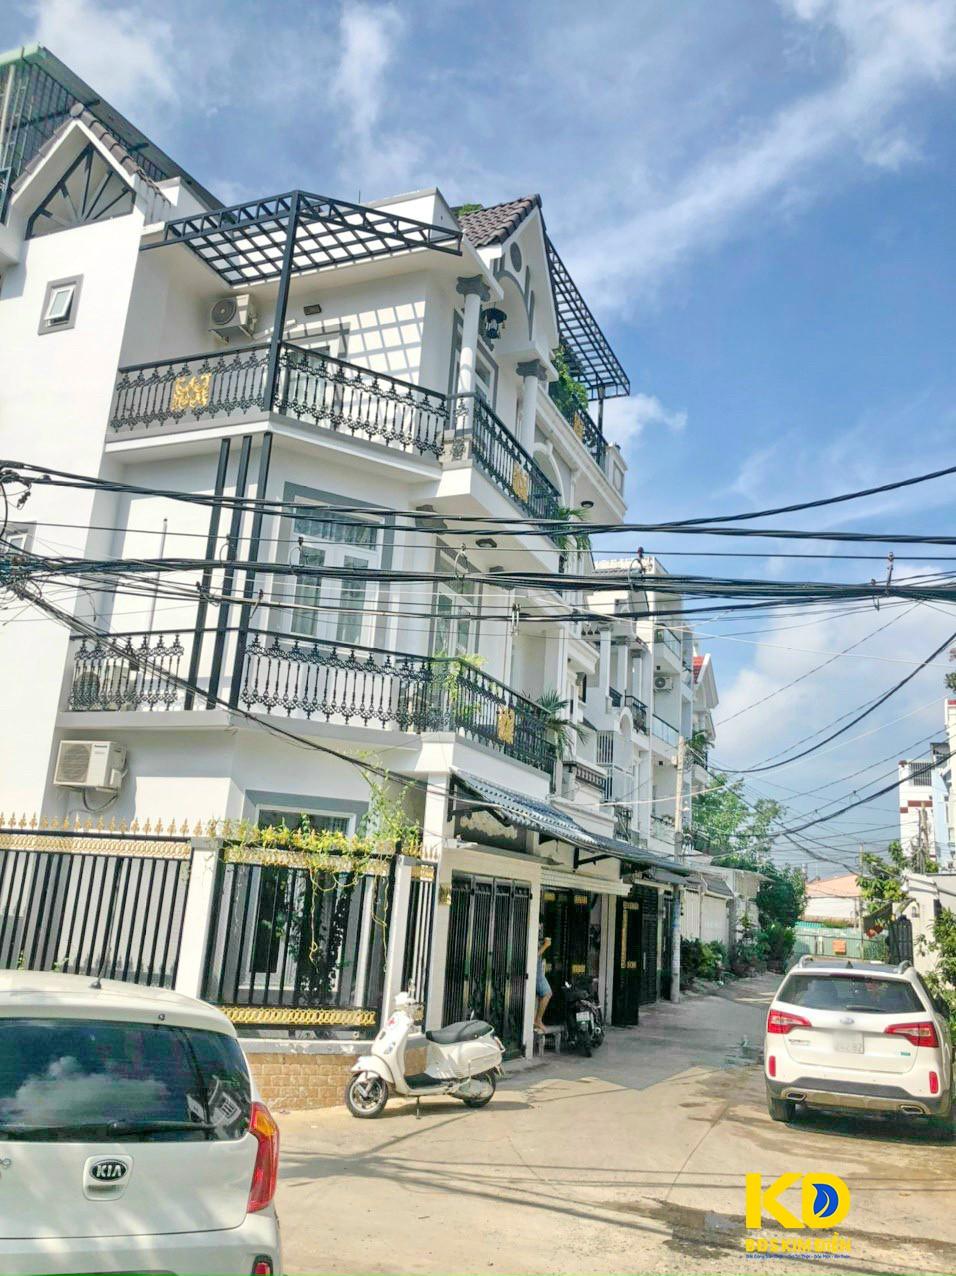 Bán nhà 2 lầu góc 2 mặt tiền hẻm xe hơi 90 đường Dương Cát Lợi thị trấn Nhà Bè